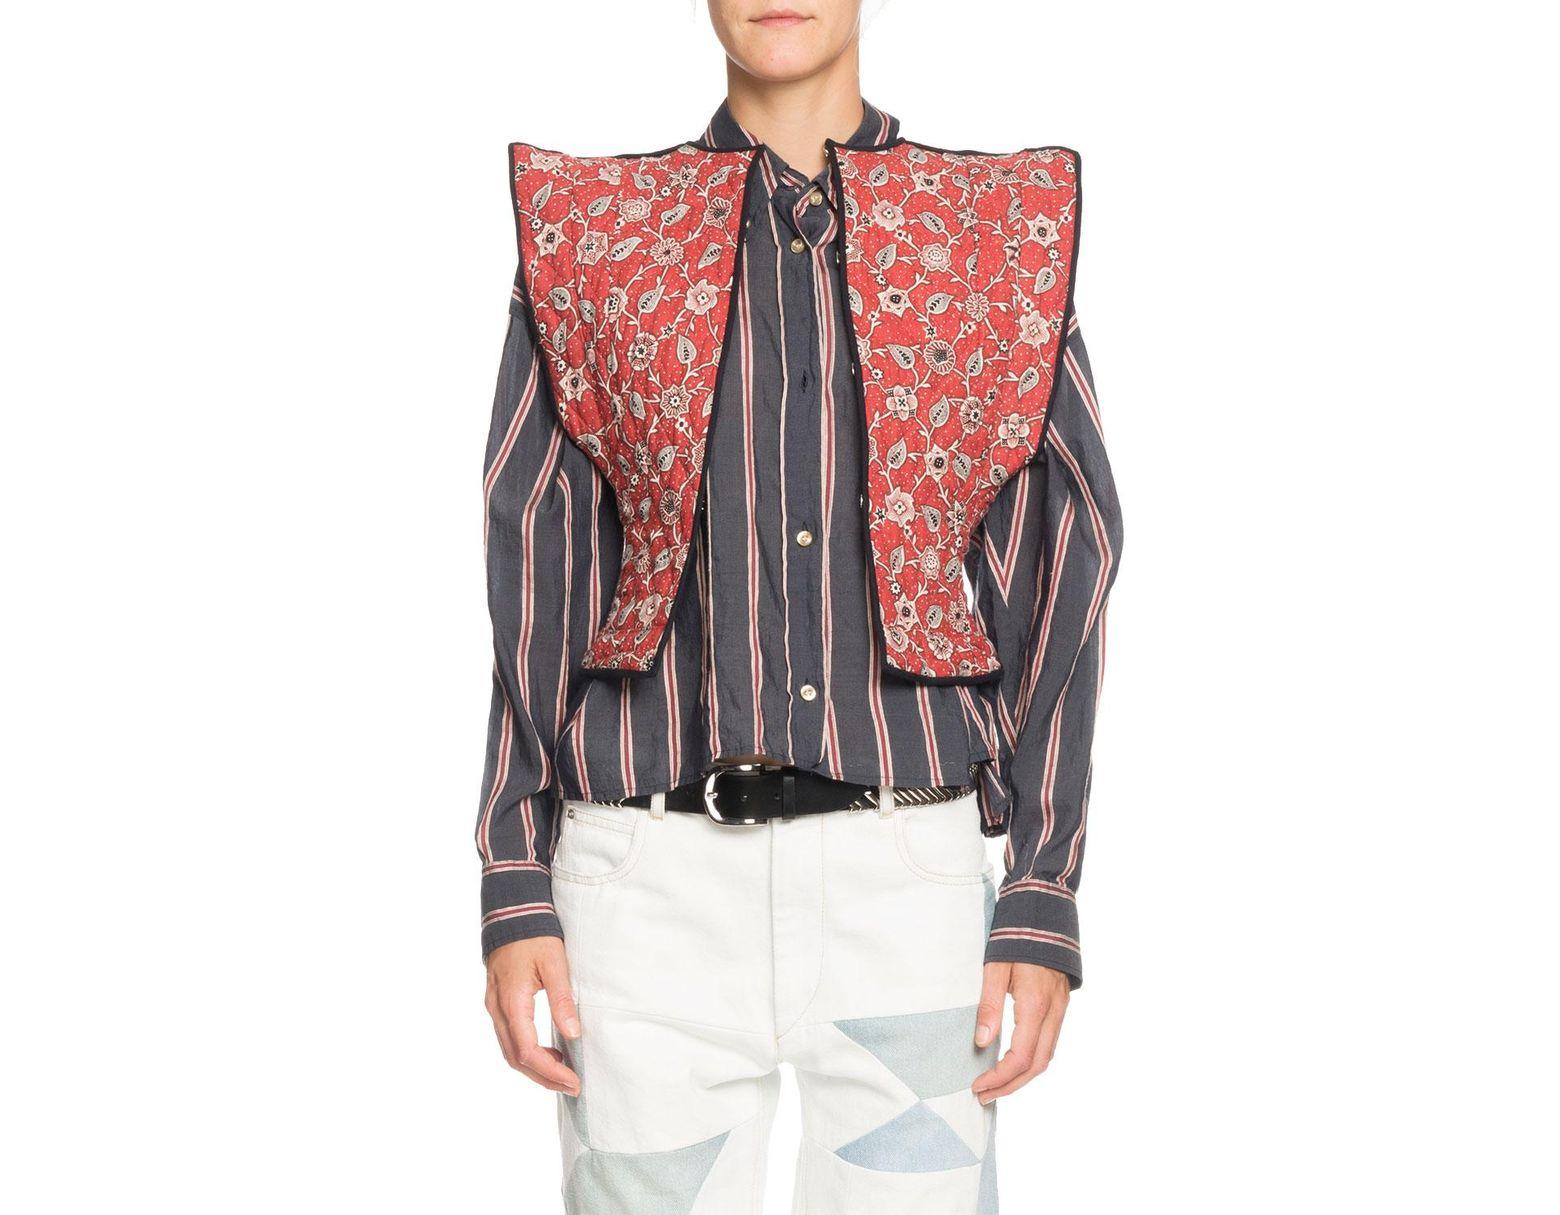 538fc72ba4f Étoile Isabel Marant Mandie Floral Reversible Linen Vest - Save 60% - Lyst